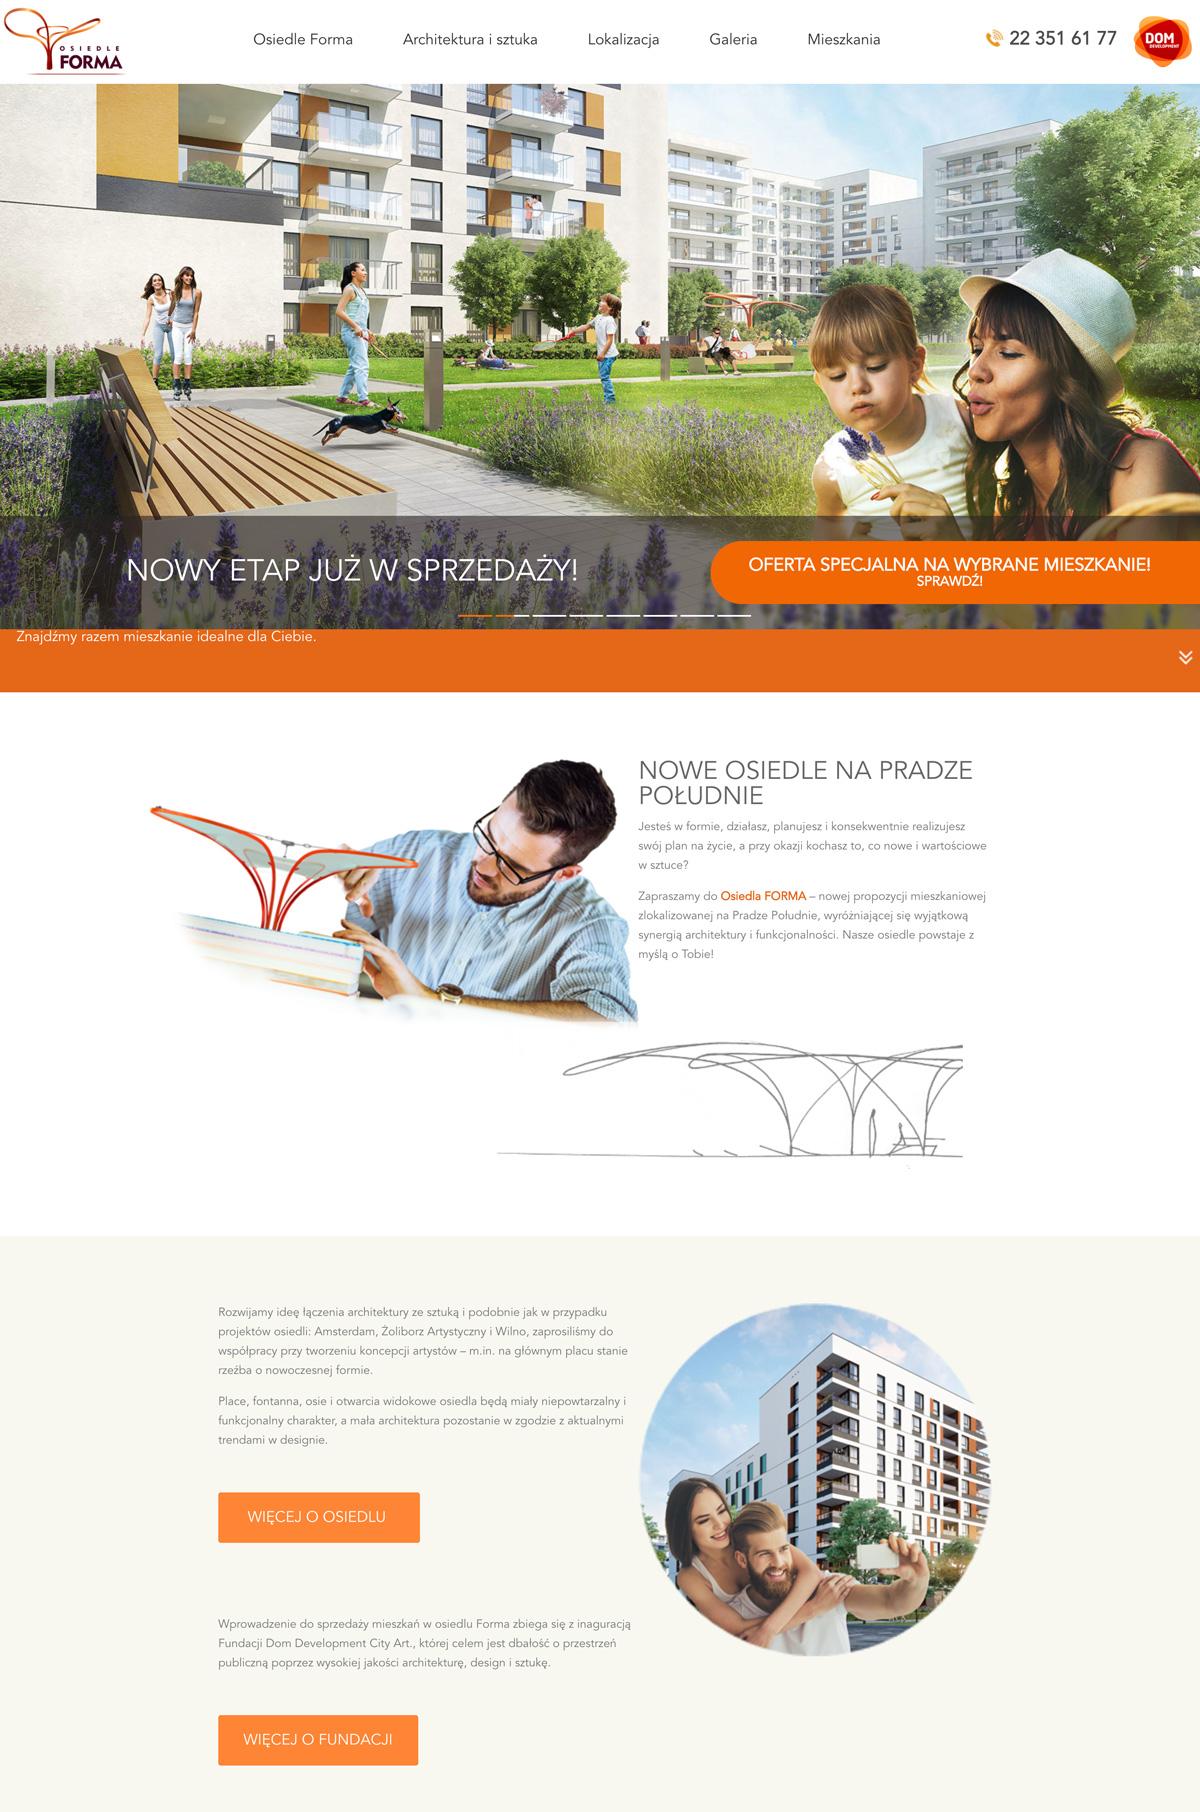 Landing page dla inwestycji Dom Development Osiedle Forma